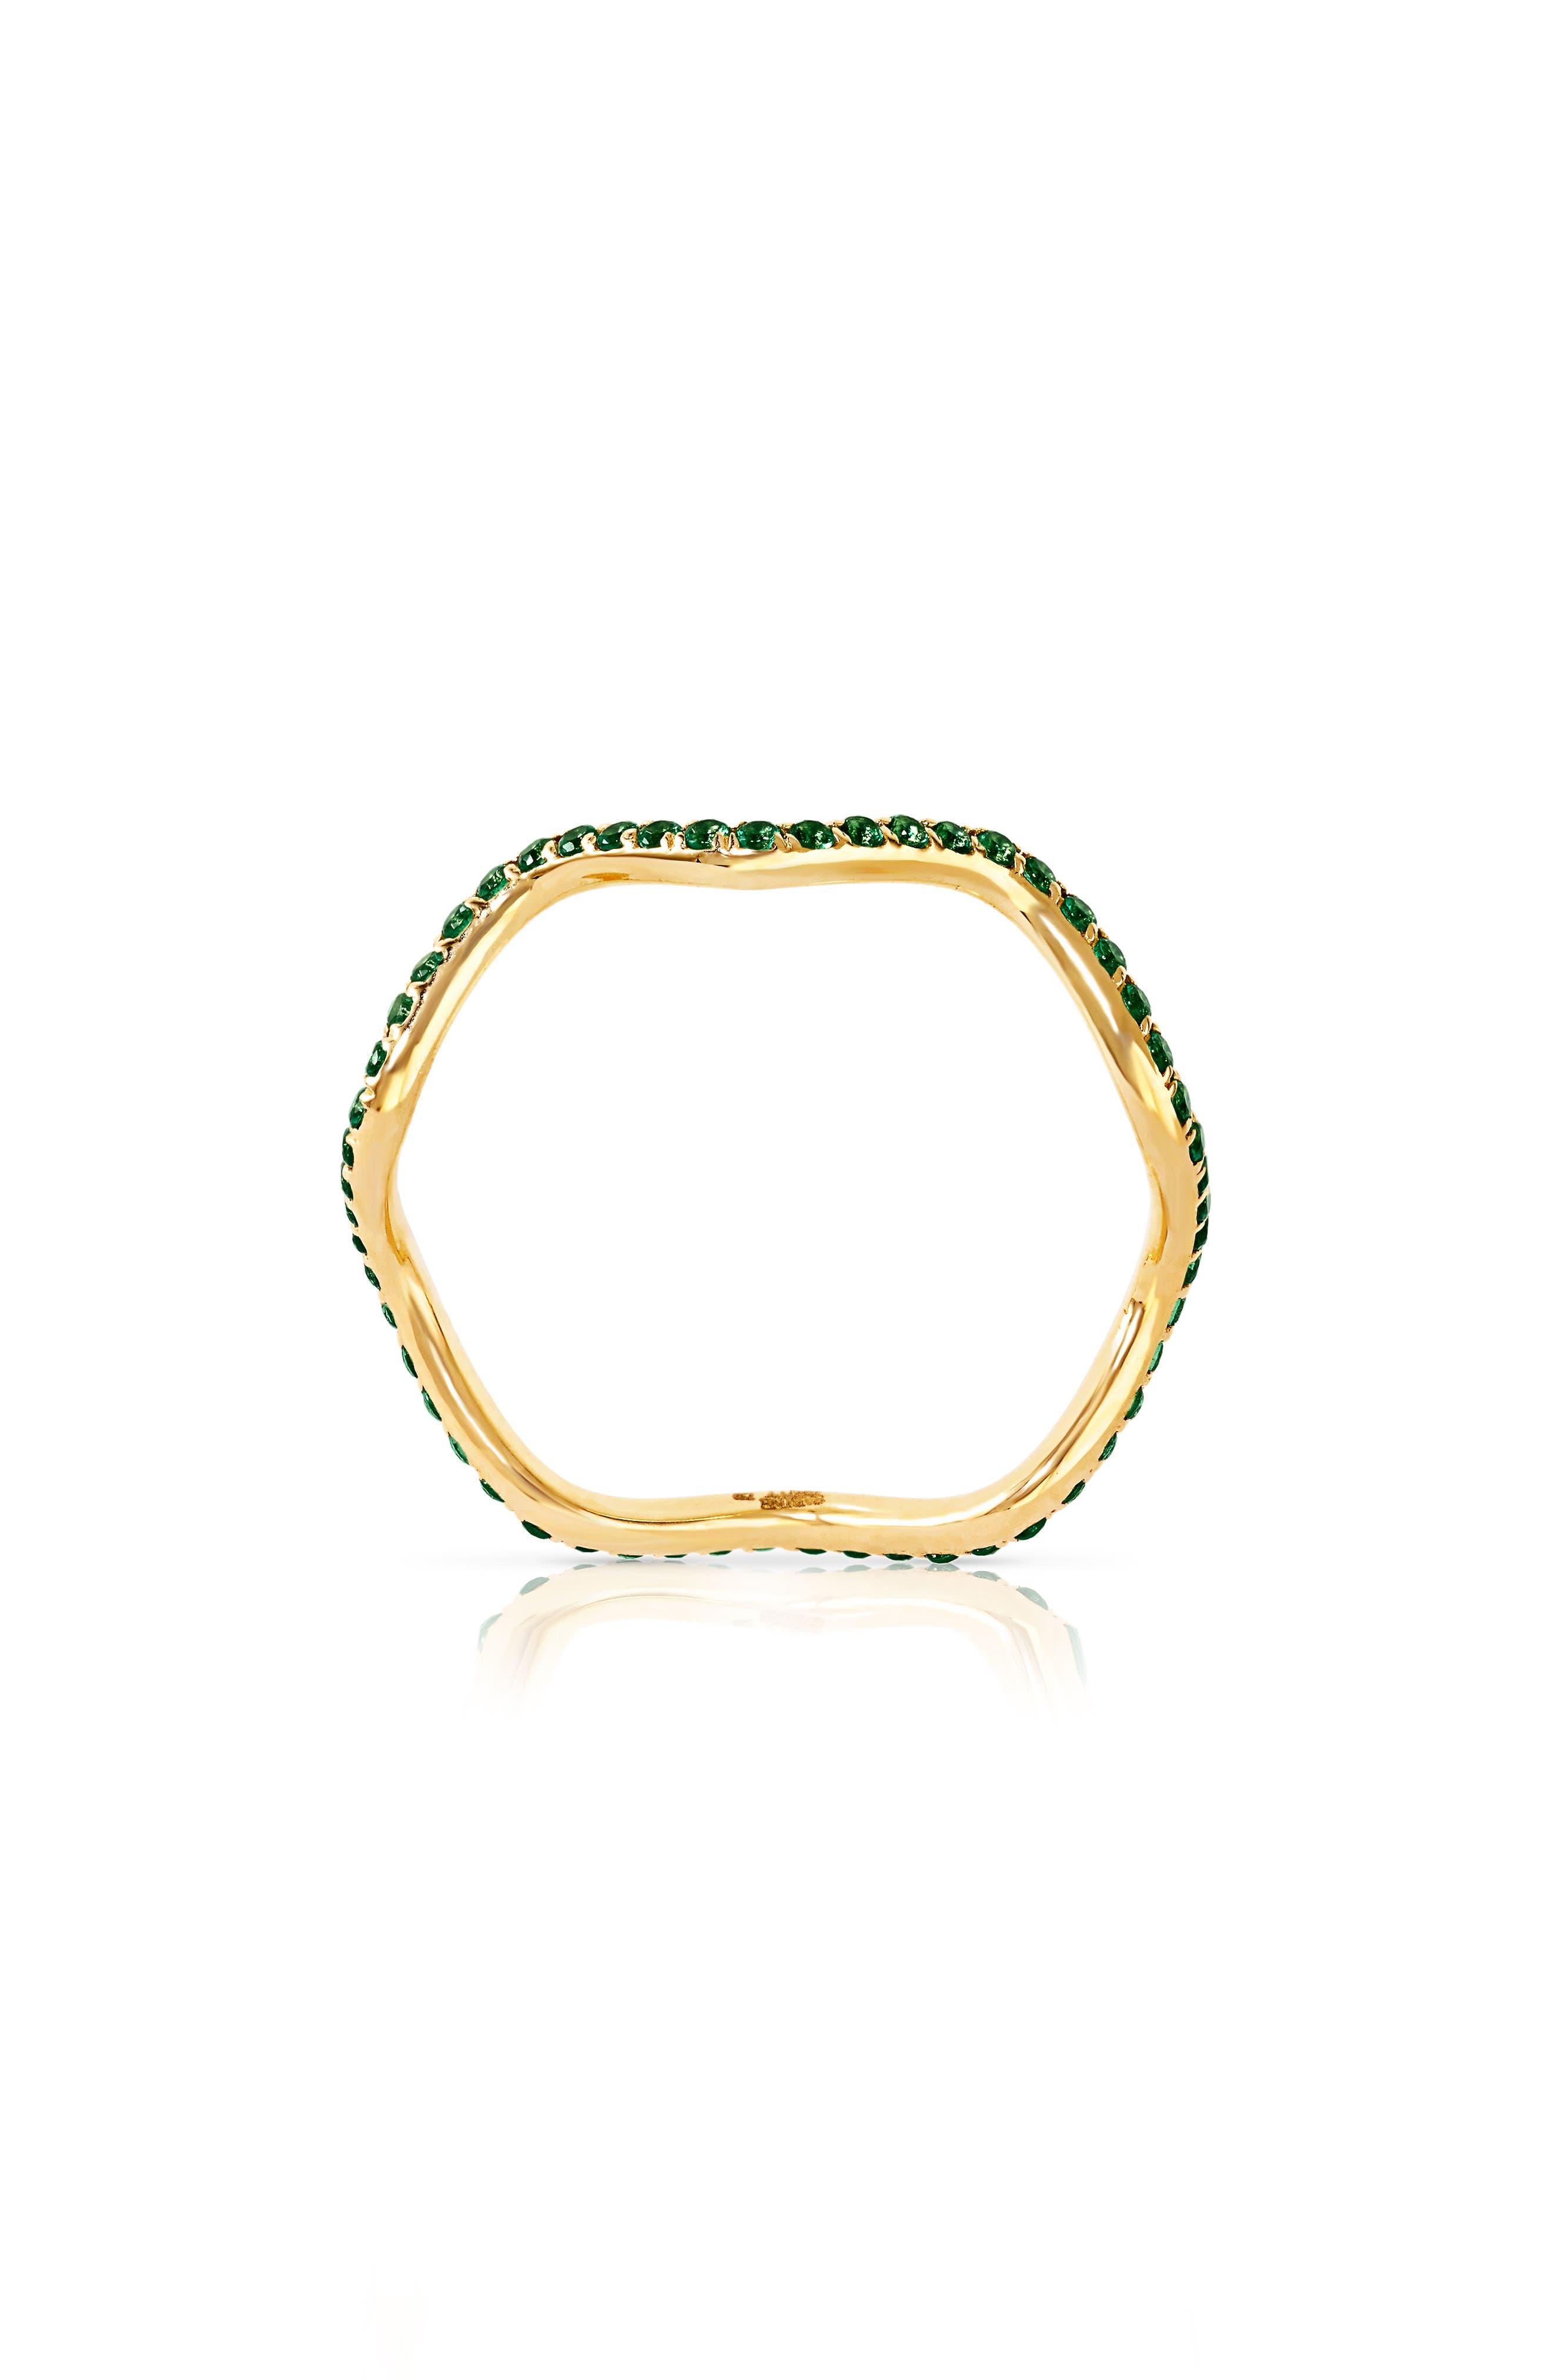 Baby Memphis Tsavorite Wave Band Ring,                         Main,                         color, YELLOW GOLD